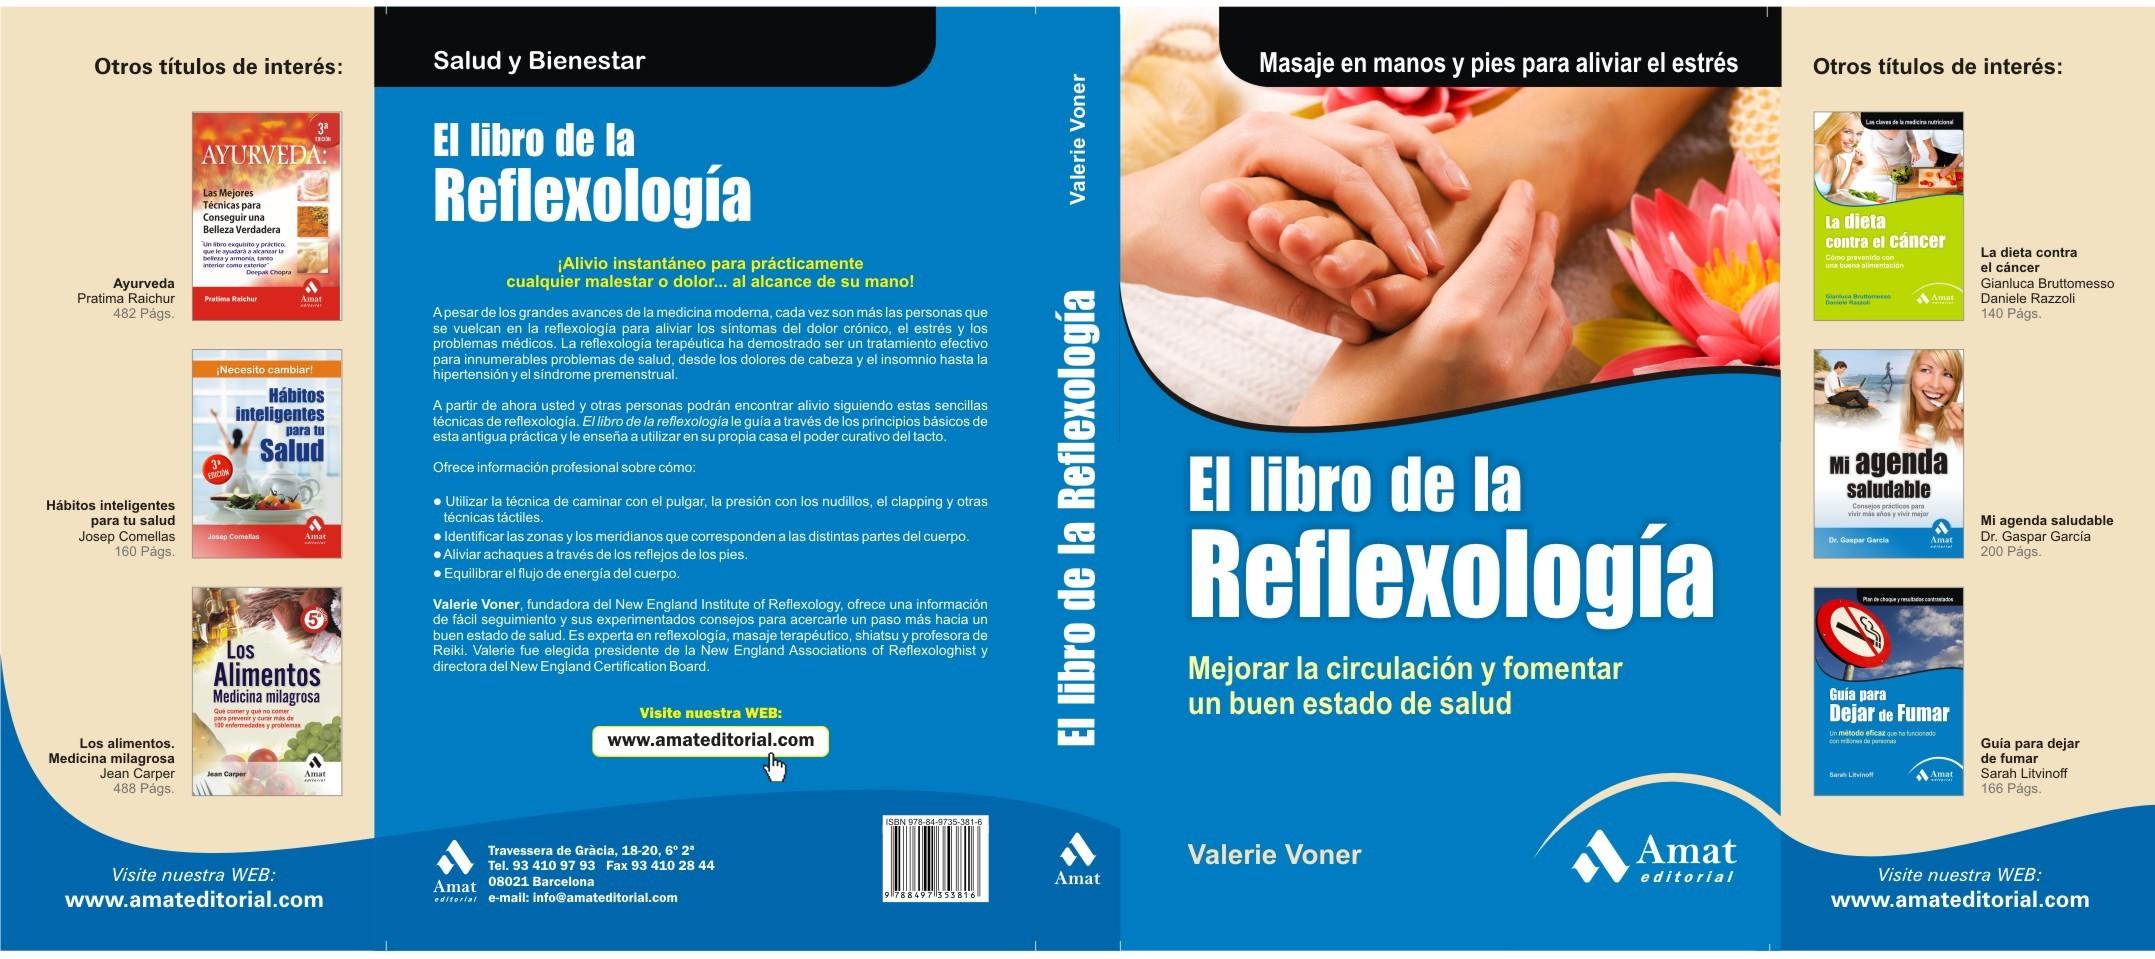 EL LIBRO DE LA REFLEXOLOGÍA. MEJORAR LA CIRCULACIÓN Y FOMENTAR UN BUEN ESTADO DE SALUD